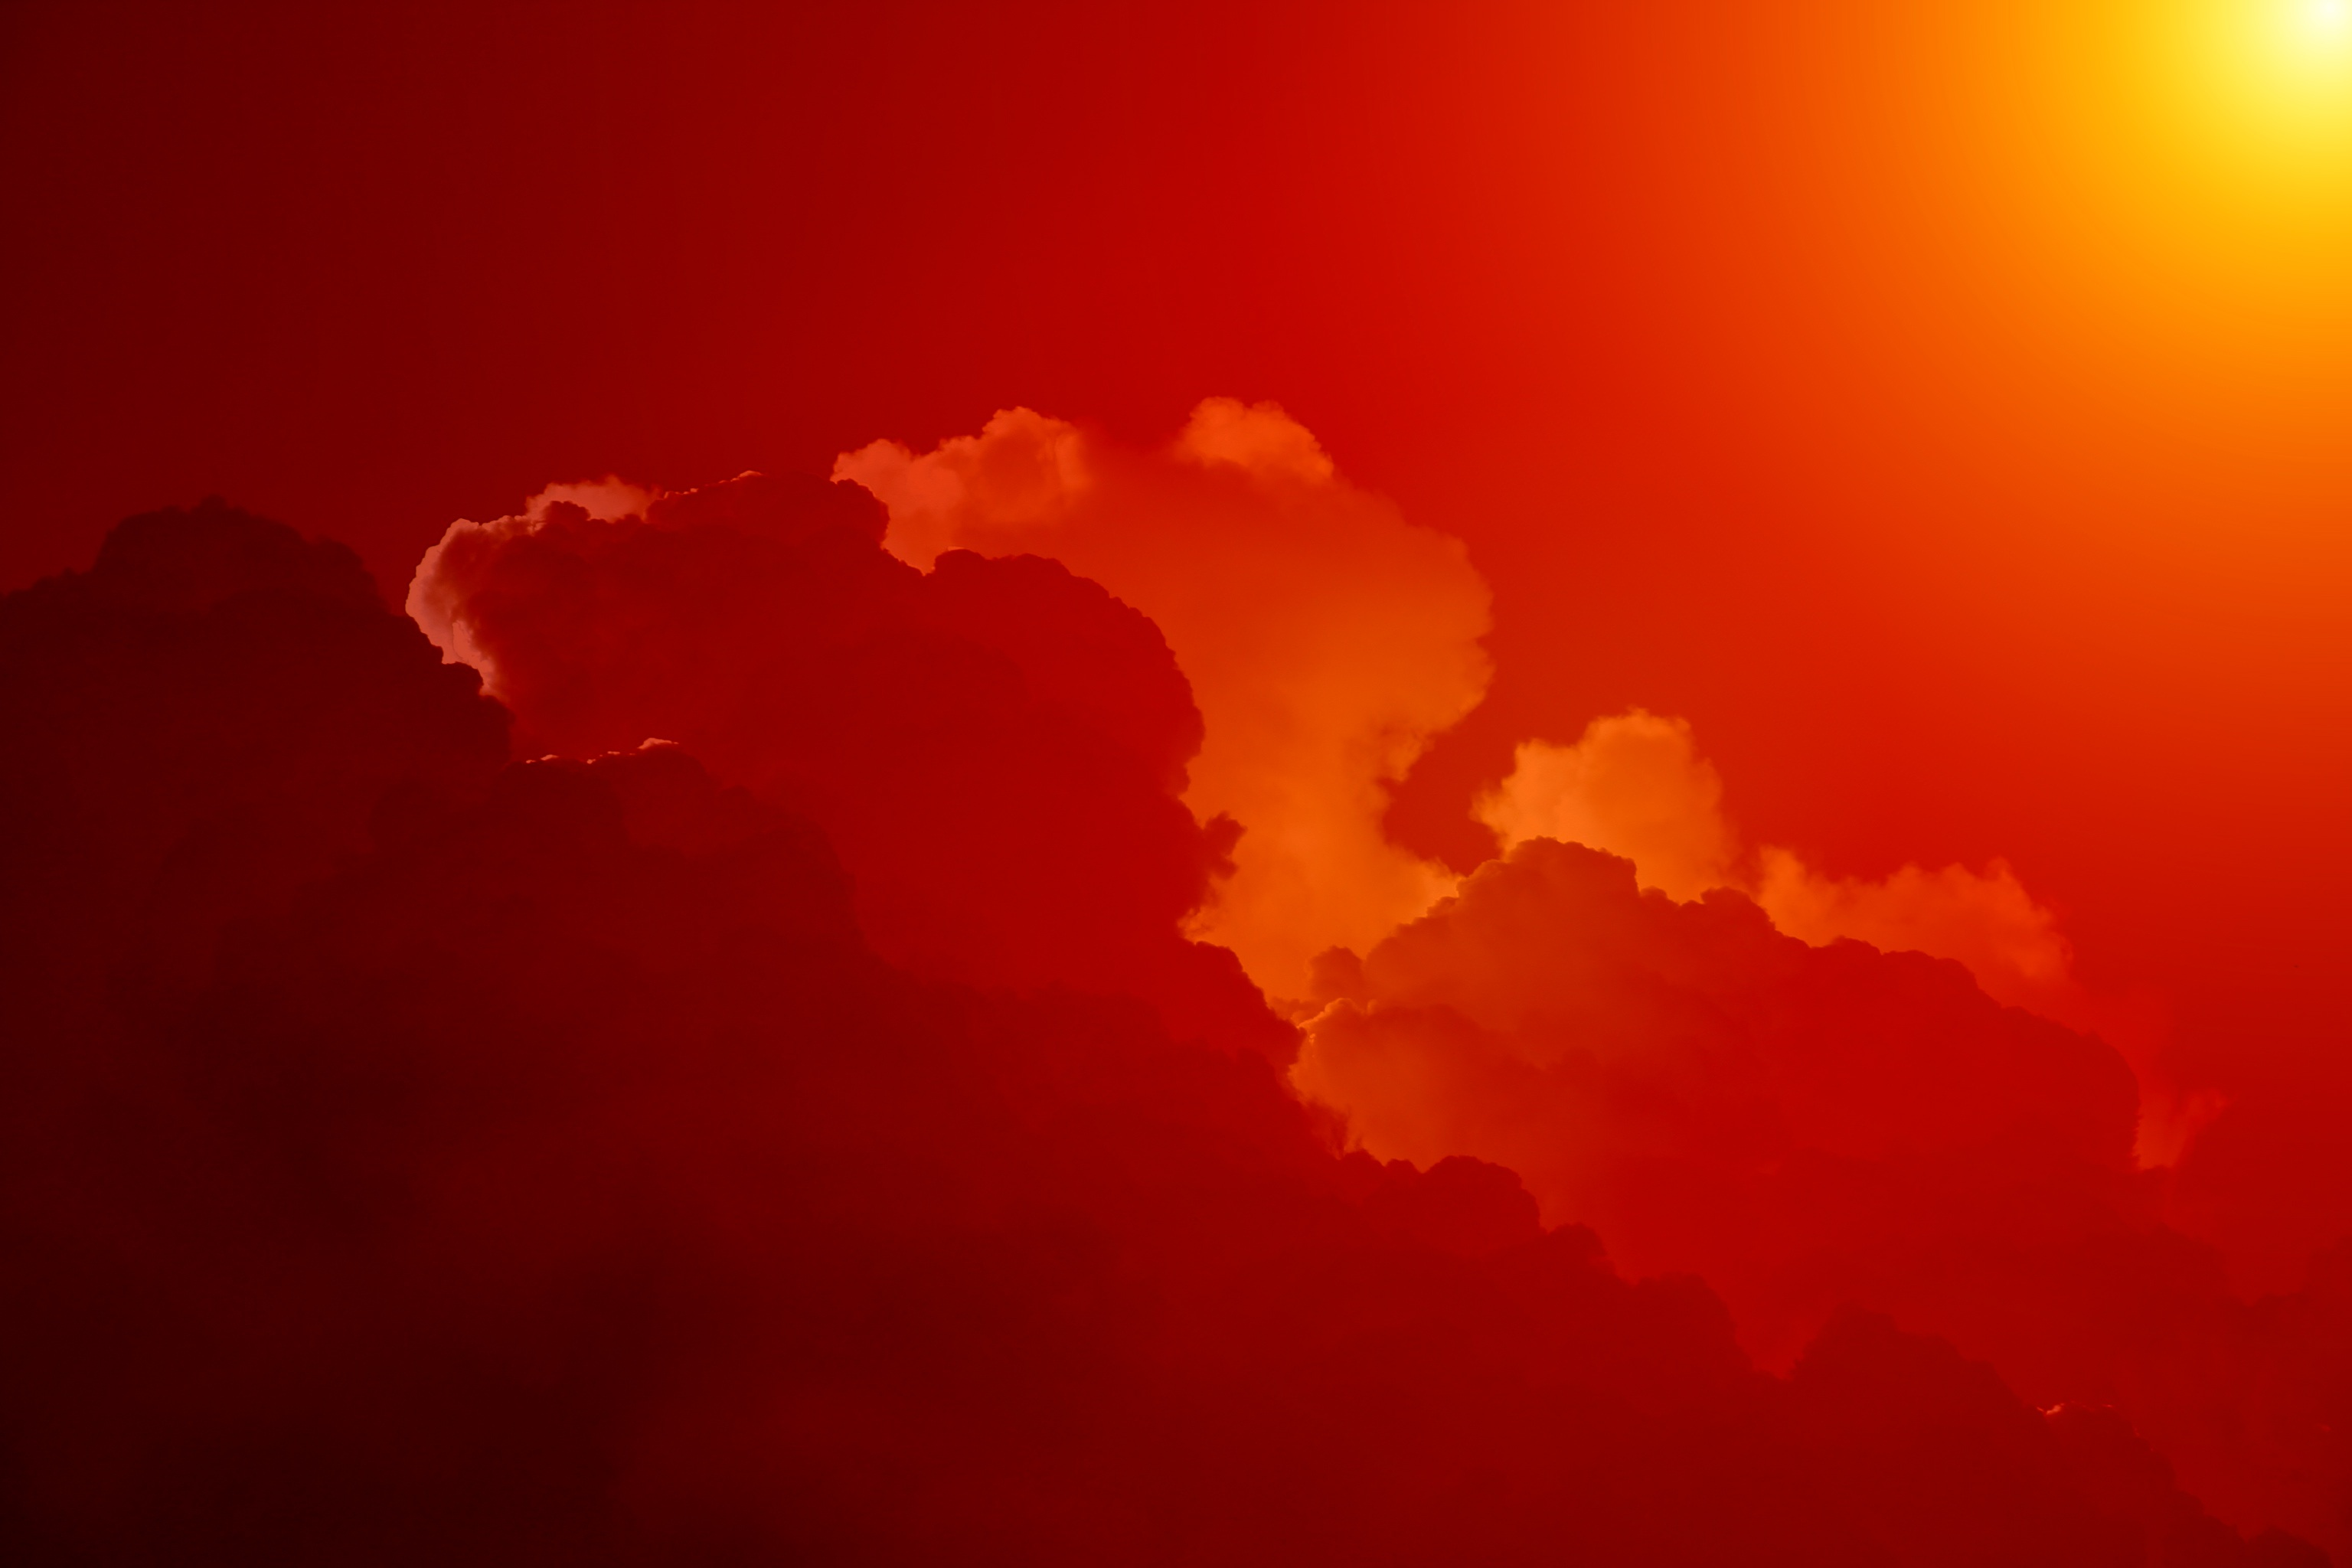 sky-clouds-clouds-form-cumulus-clouds